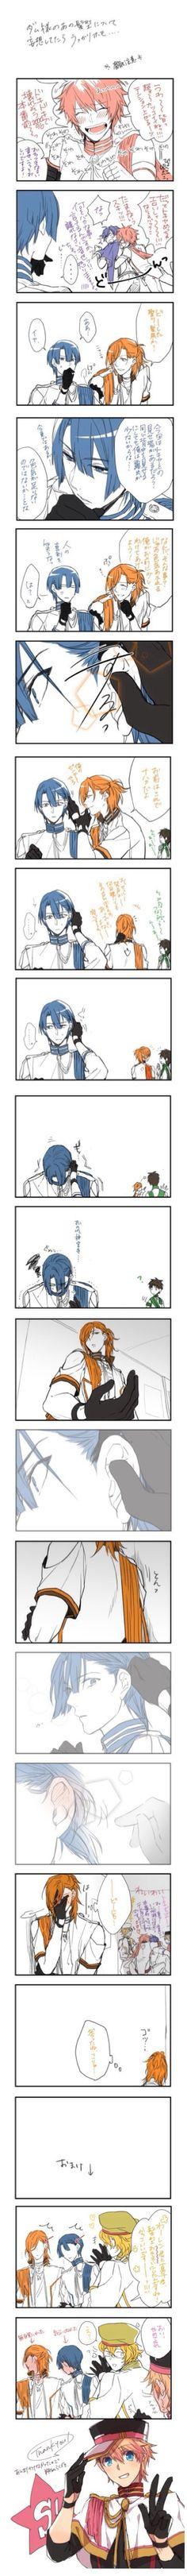 Masato and Ren